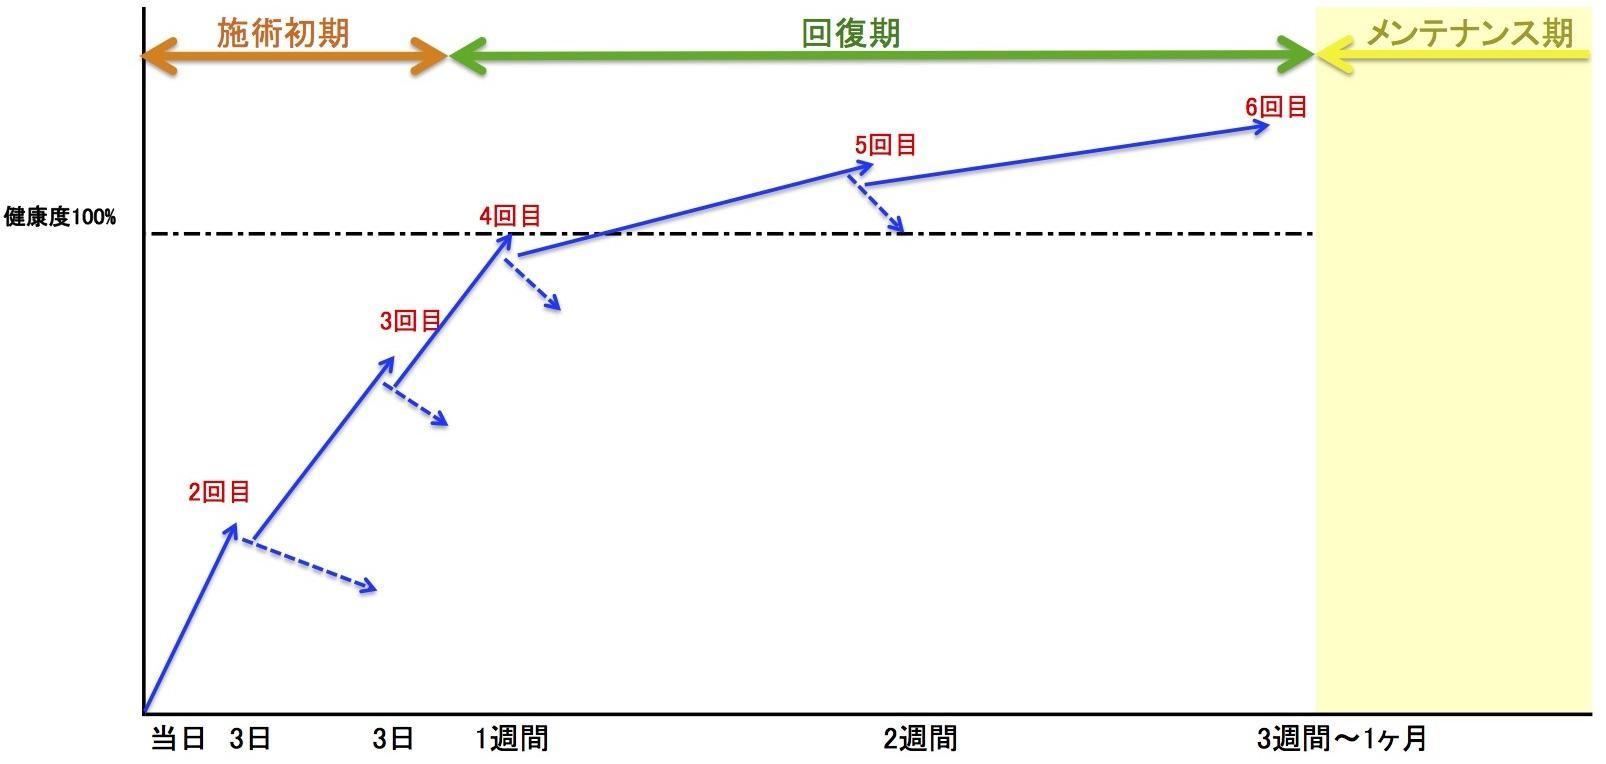 整体頻度グラフ03